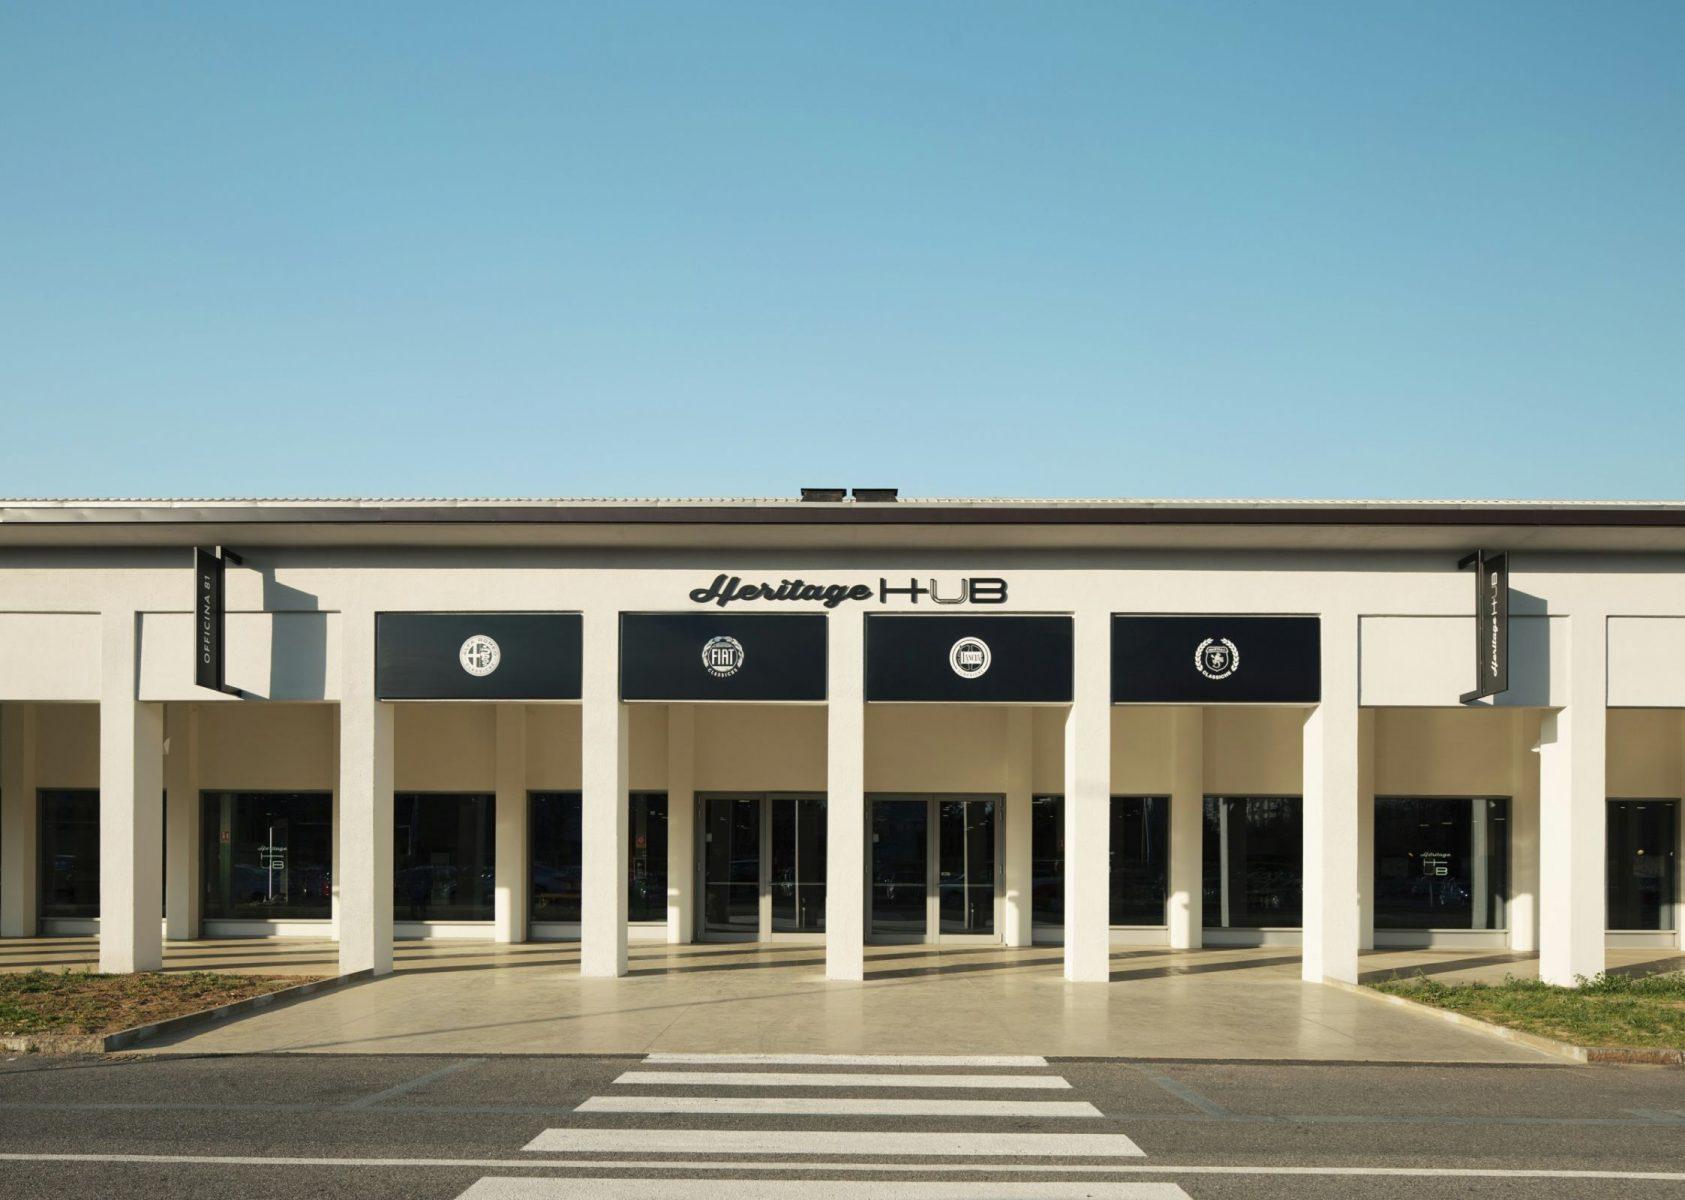 fca heritage hub 2